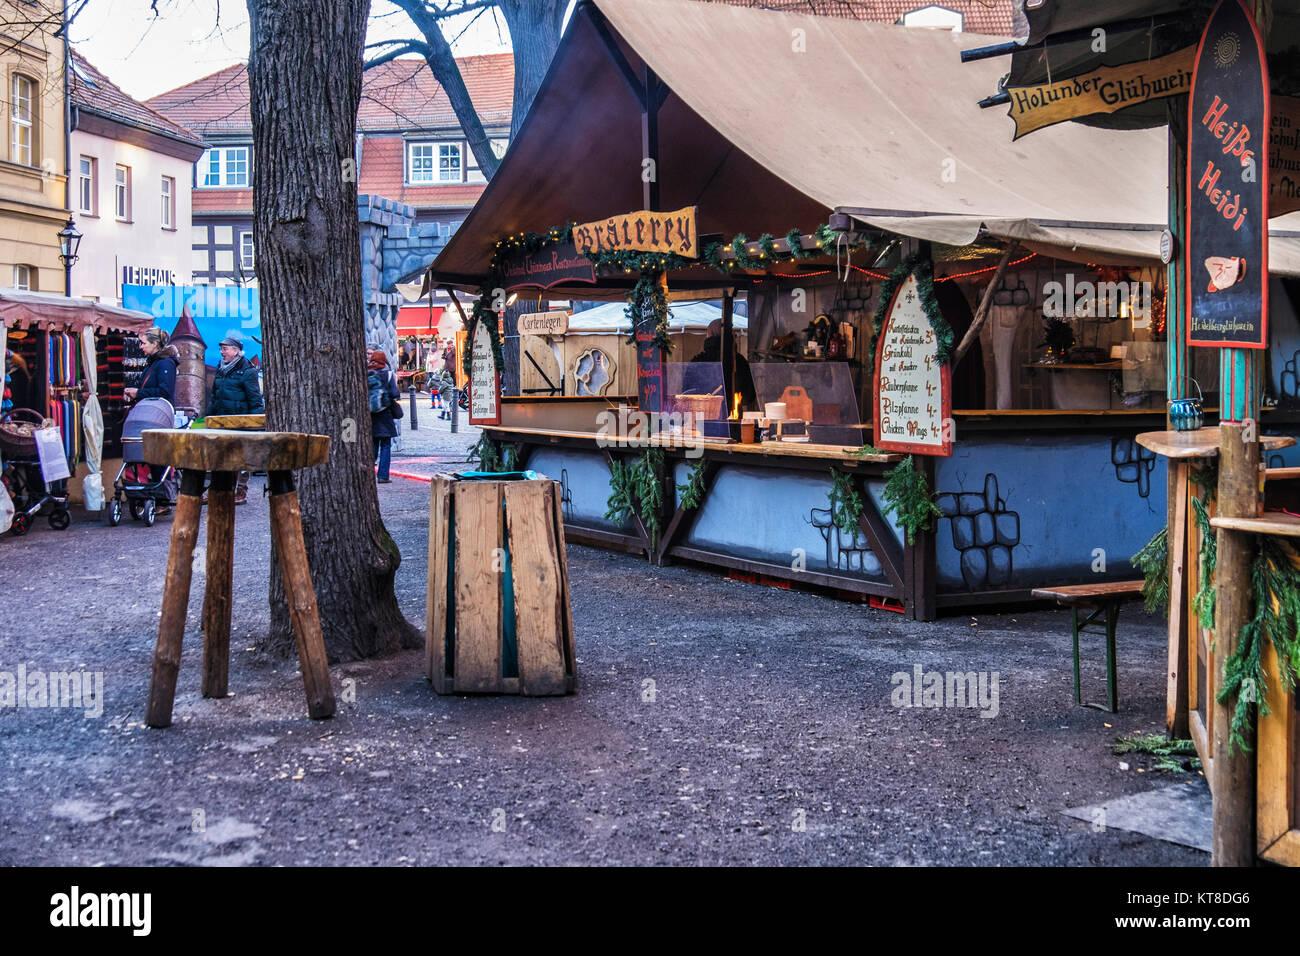 Weihnachtsmarkt Typische Speisen.Berlin Spandau Stall Mit Typischen Deutschen Essen Getränke An